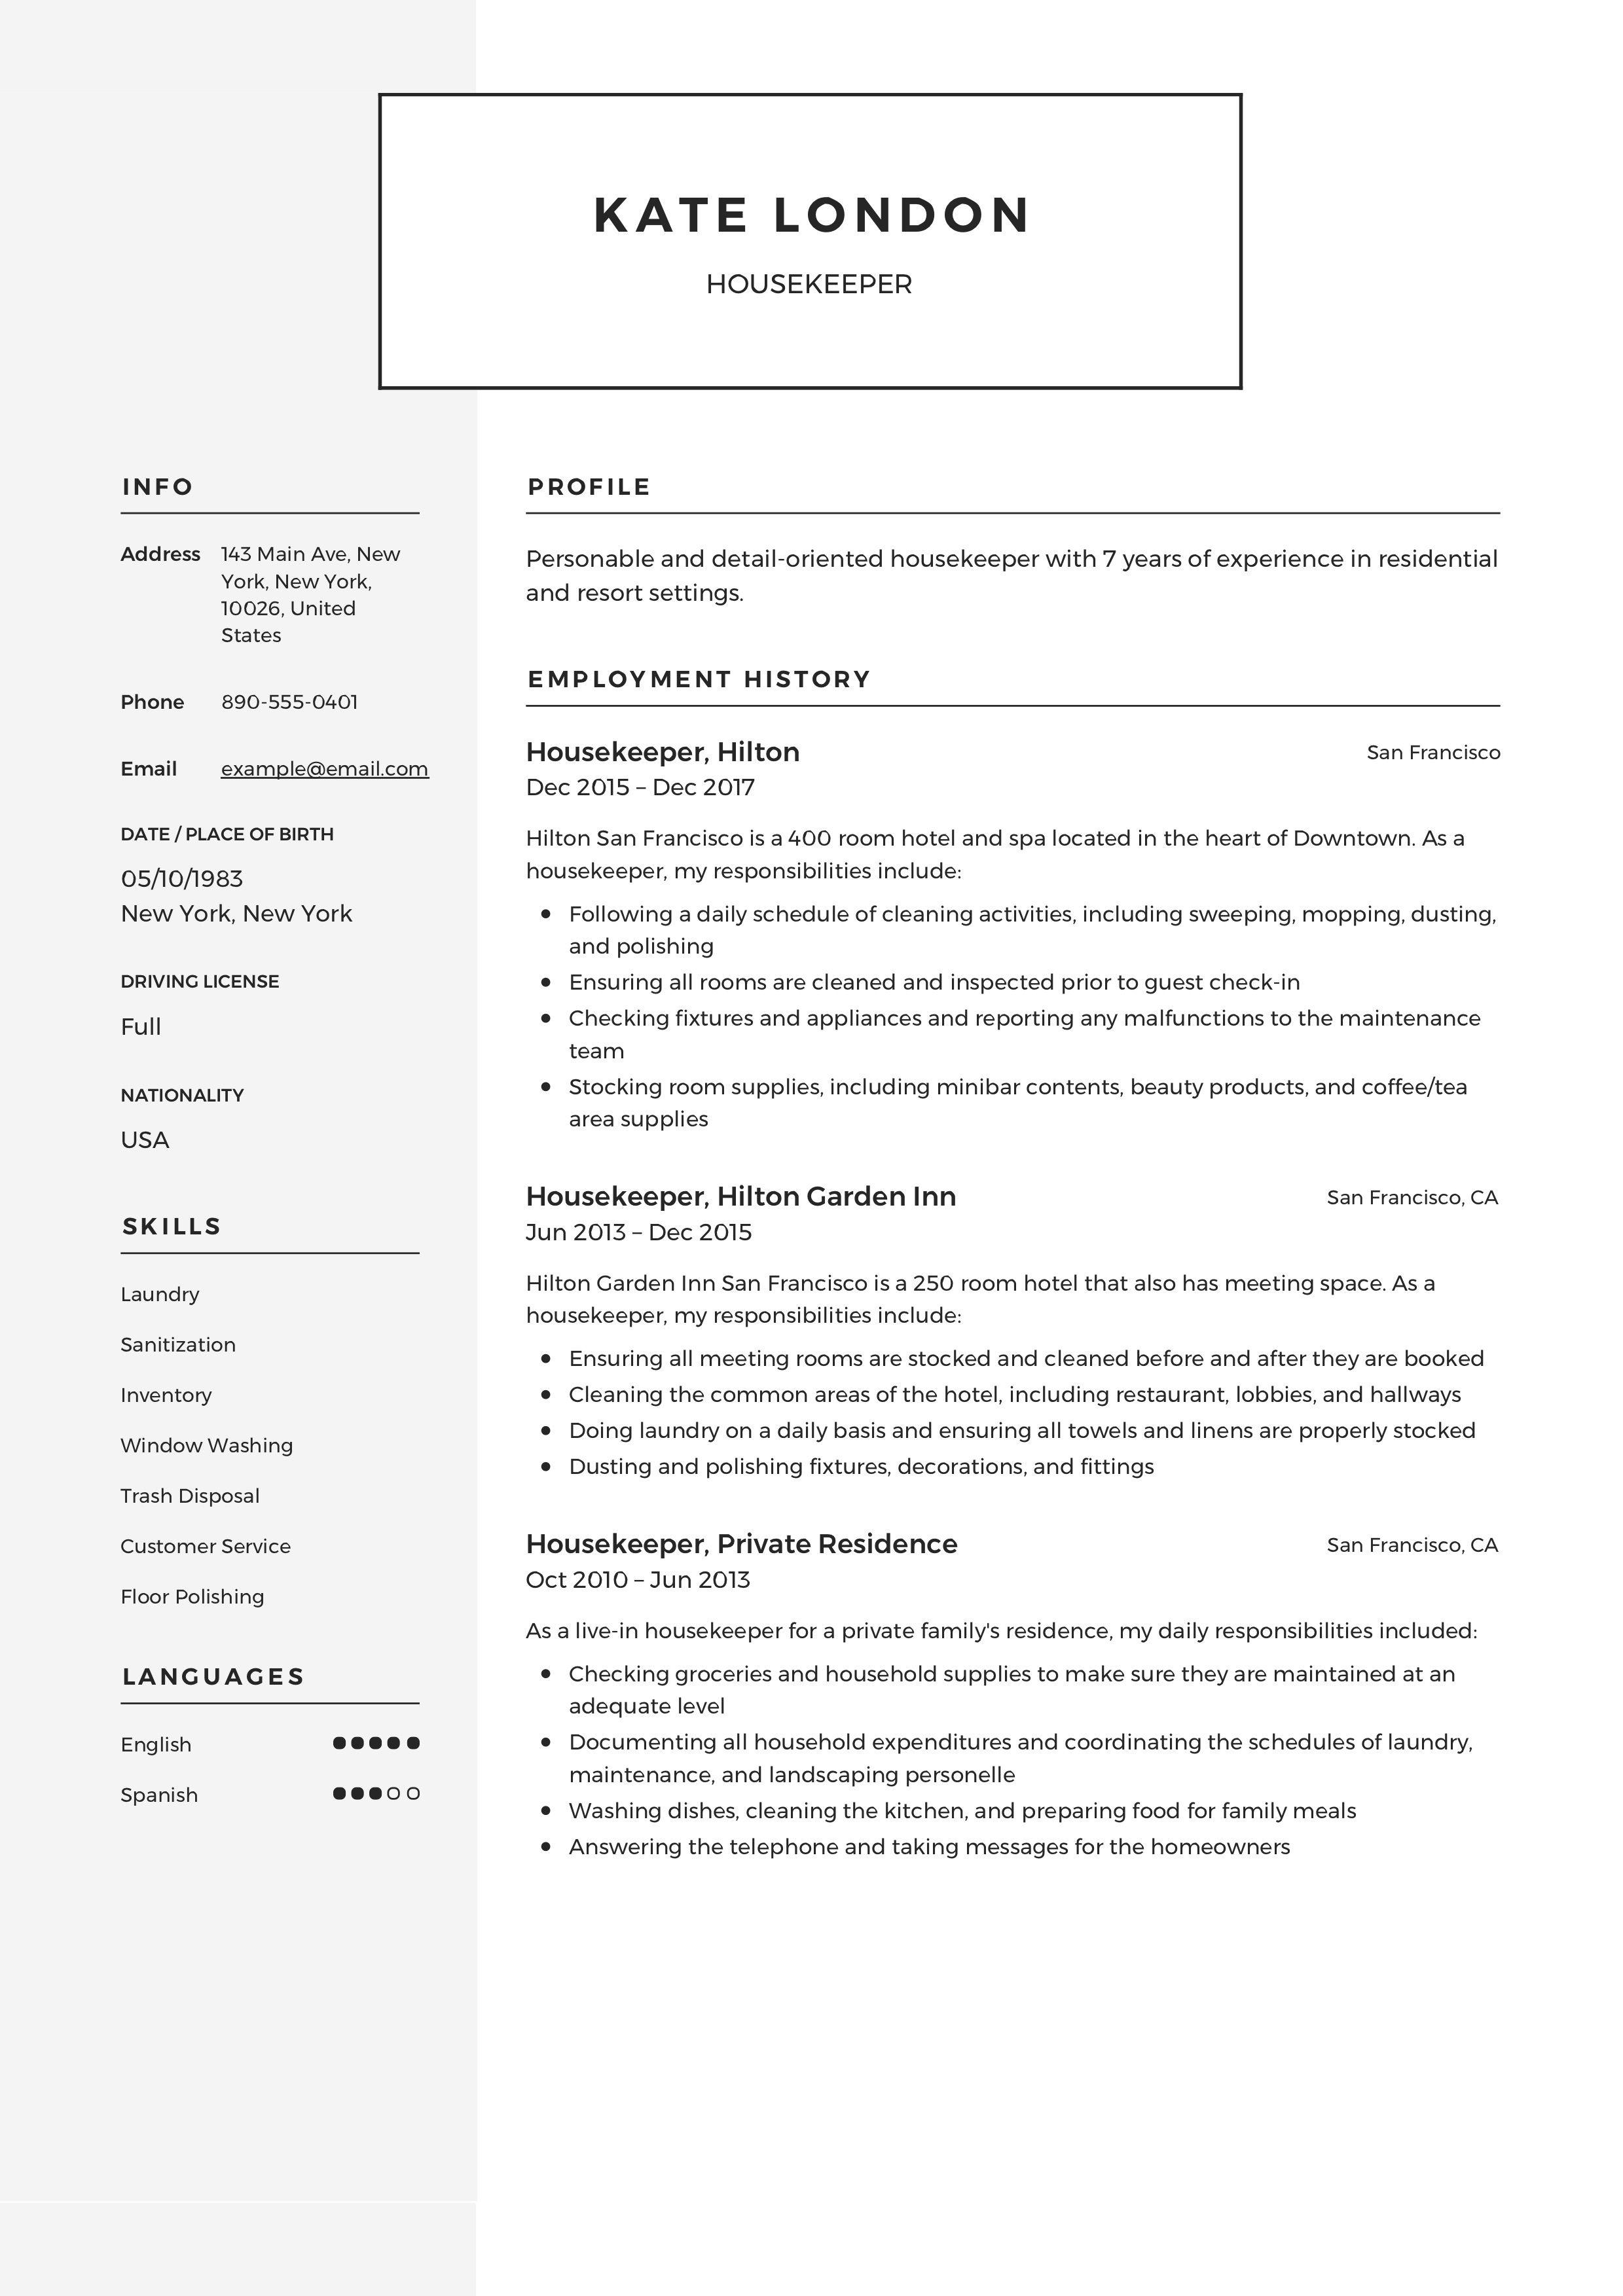 Housekeeper Resume Template Resume Guide Housekeeping Resume